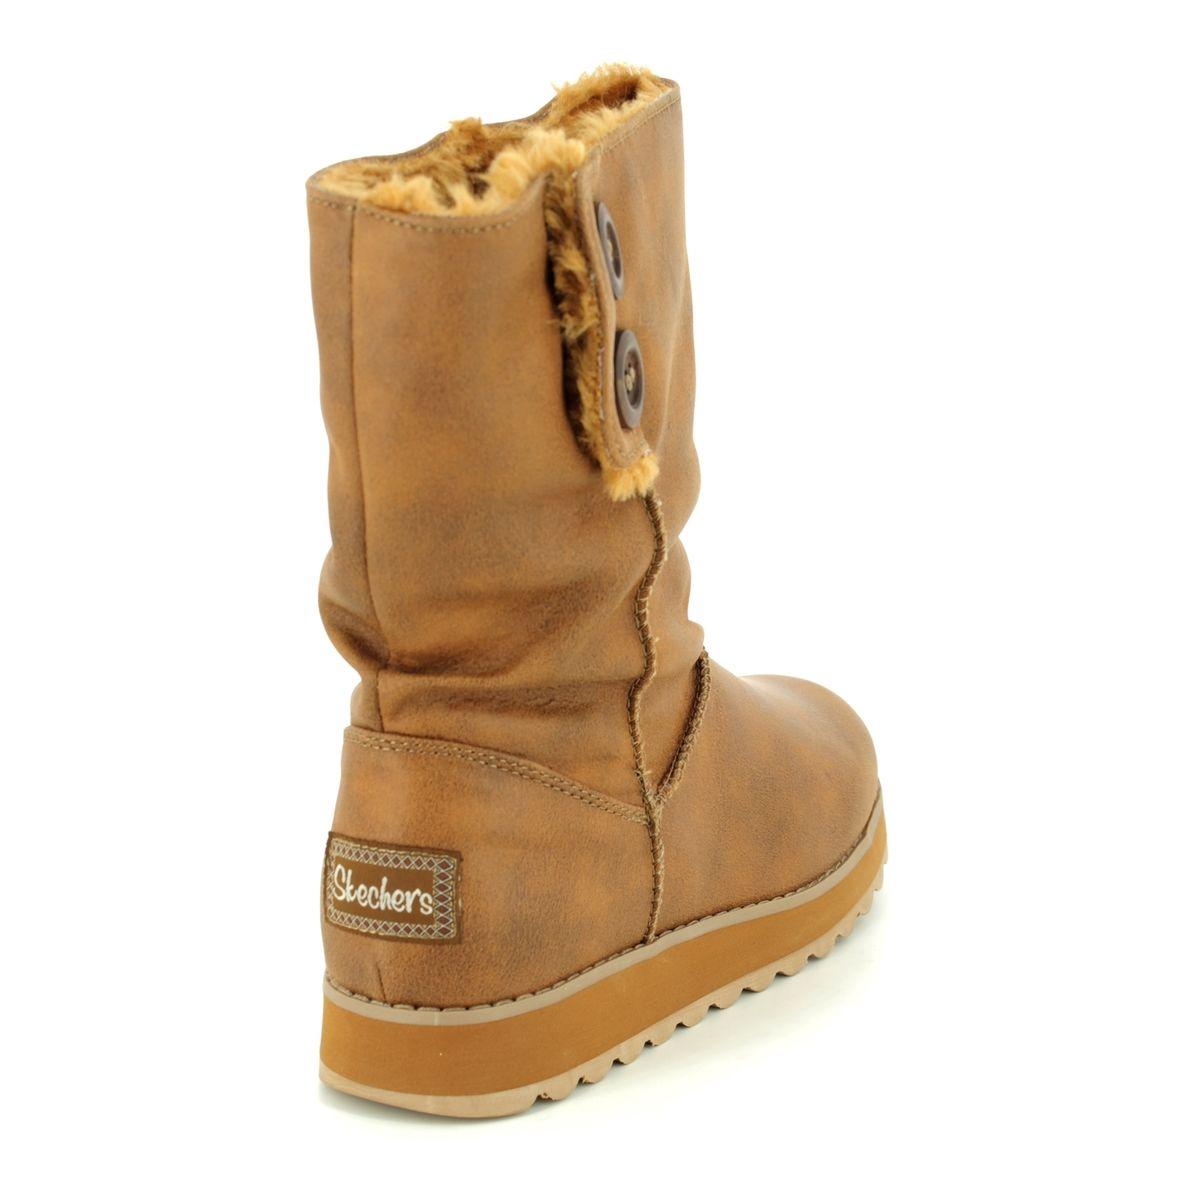 d890c6d3513 Skechers Keepsakes 2.0 44933 CSNT CHESTNUT knee-high boots